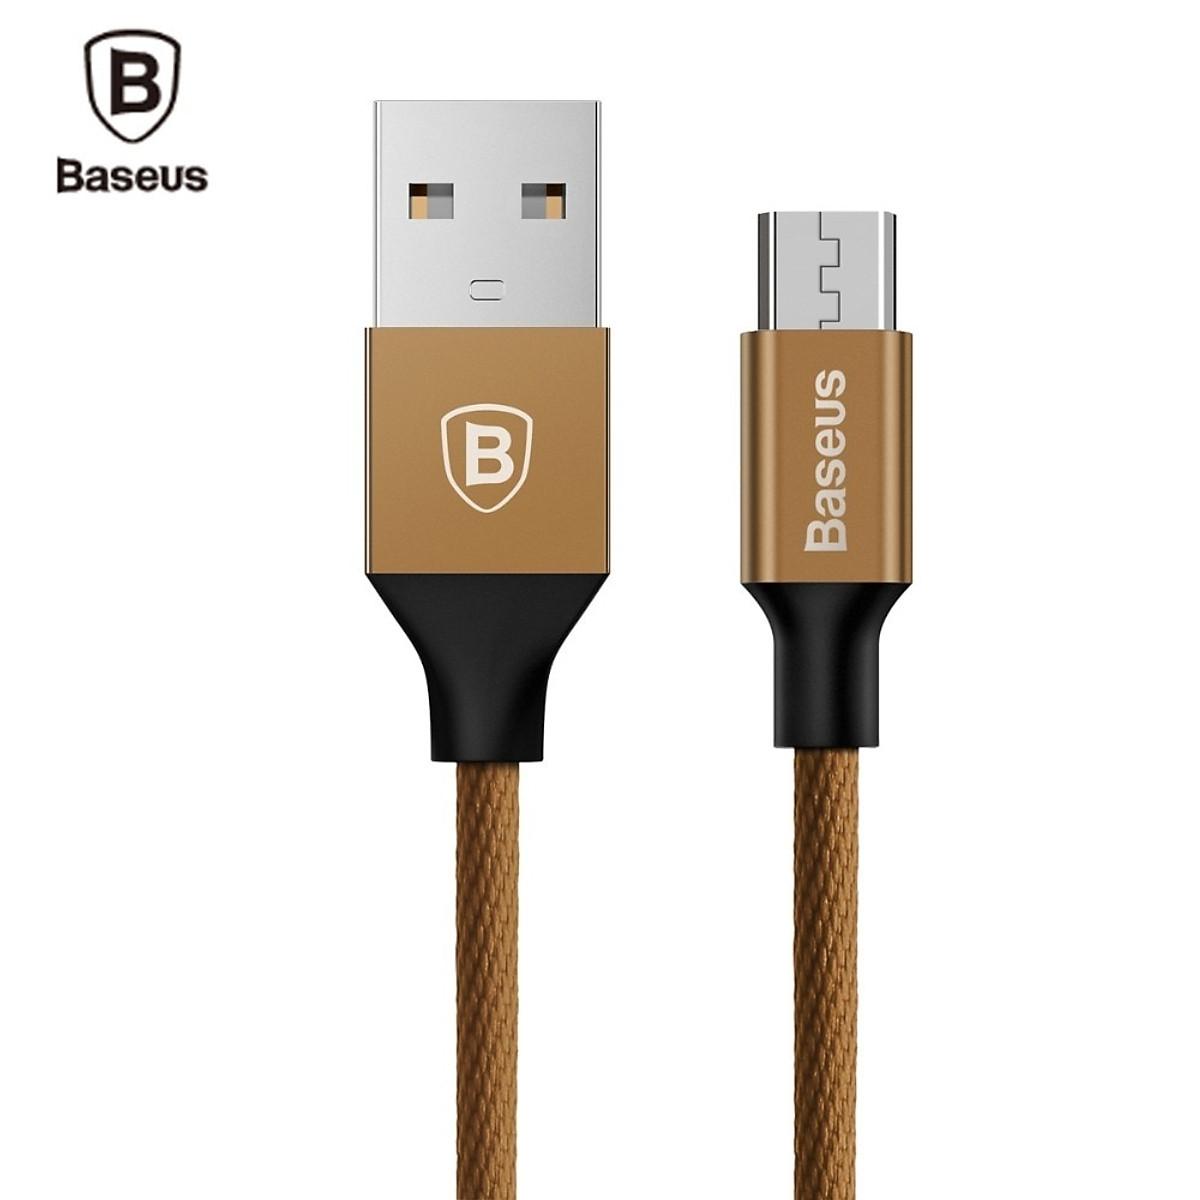 Cáp sạc USB ra Micro USB Baseus Yiven dài 1m - Hàng chính hãng - 1